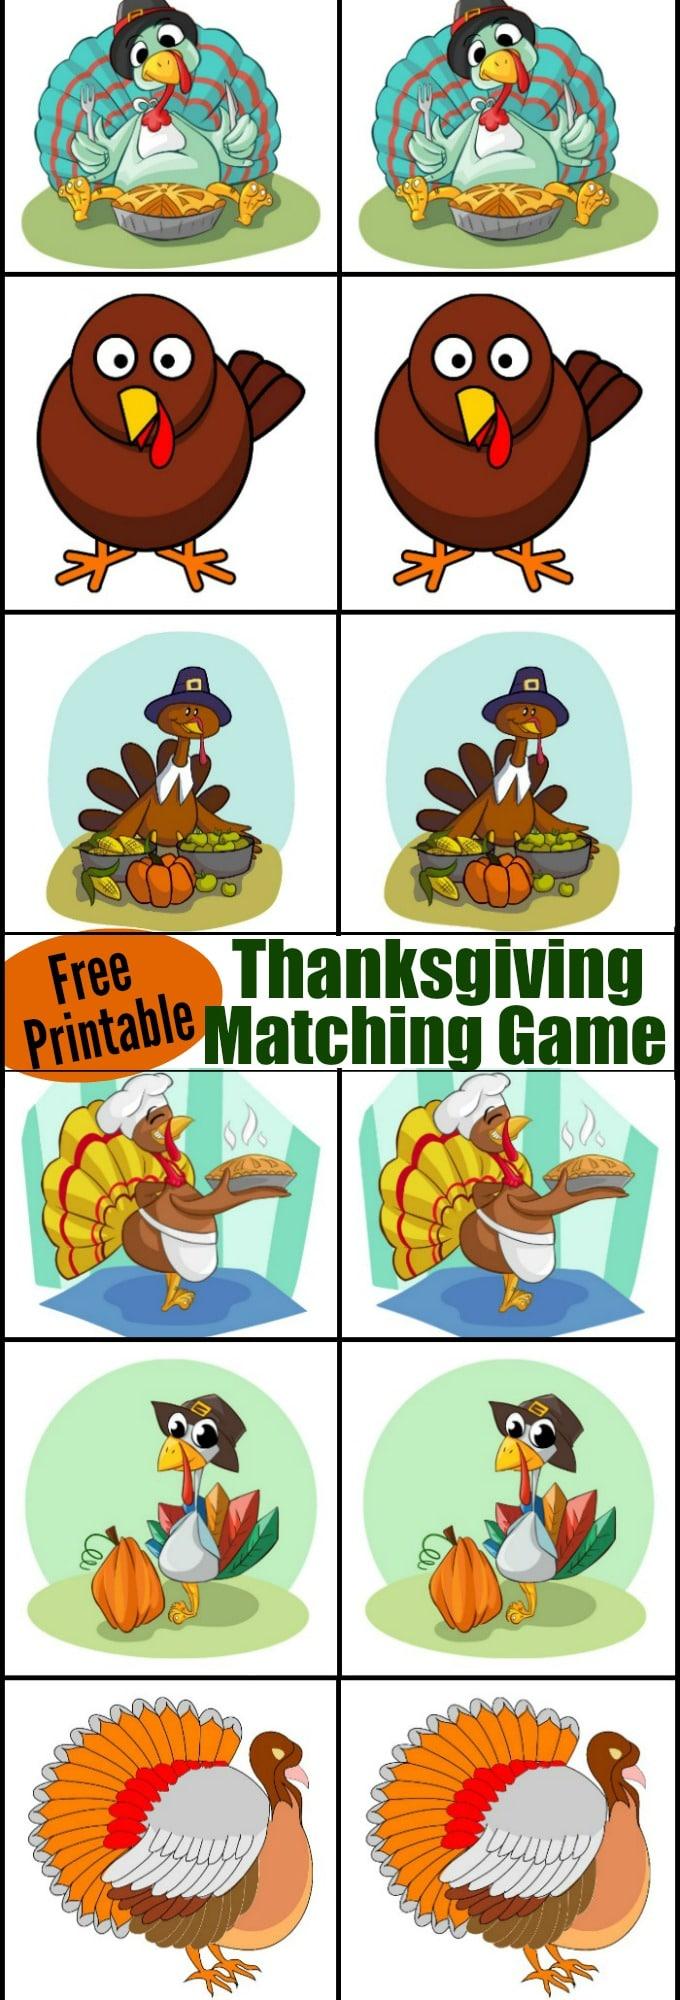 free-printable-thanksgiving-matching-game